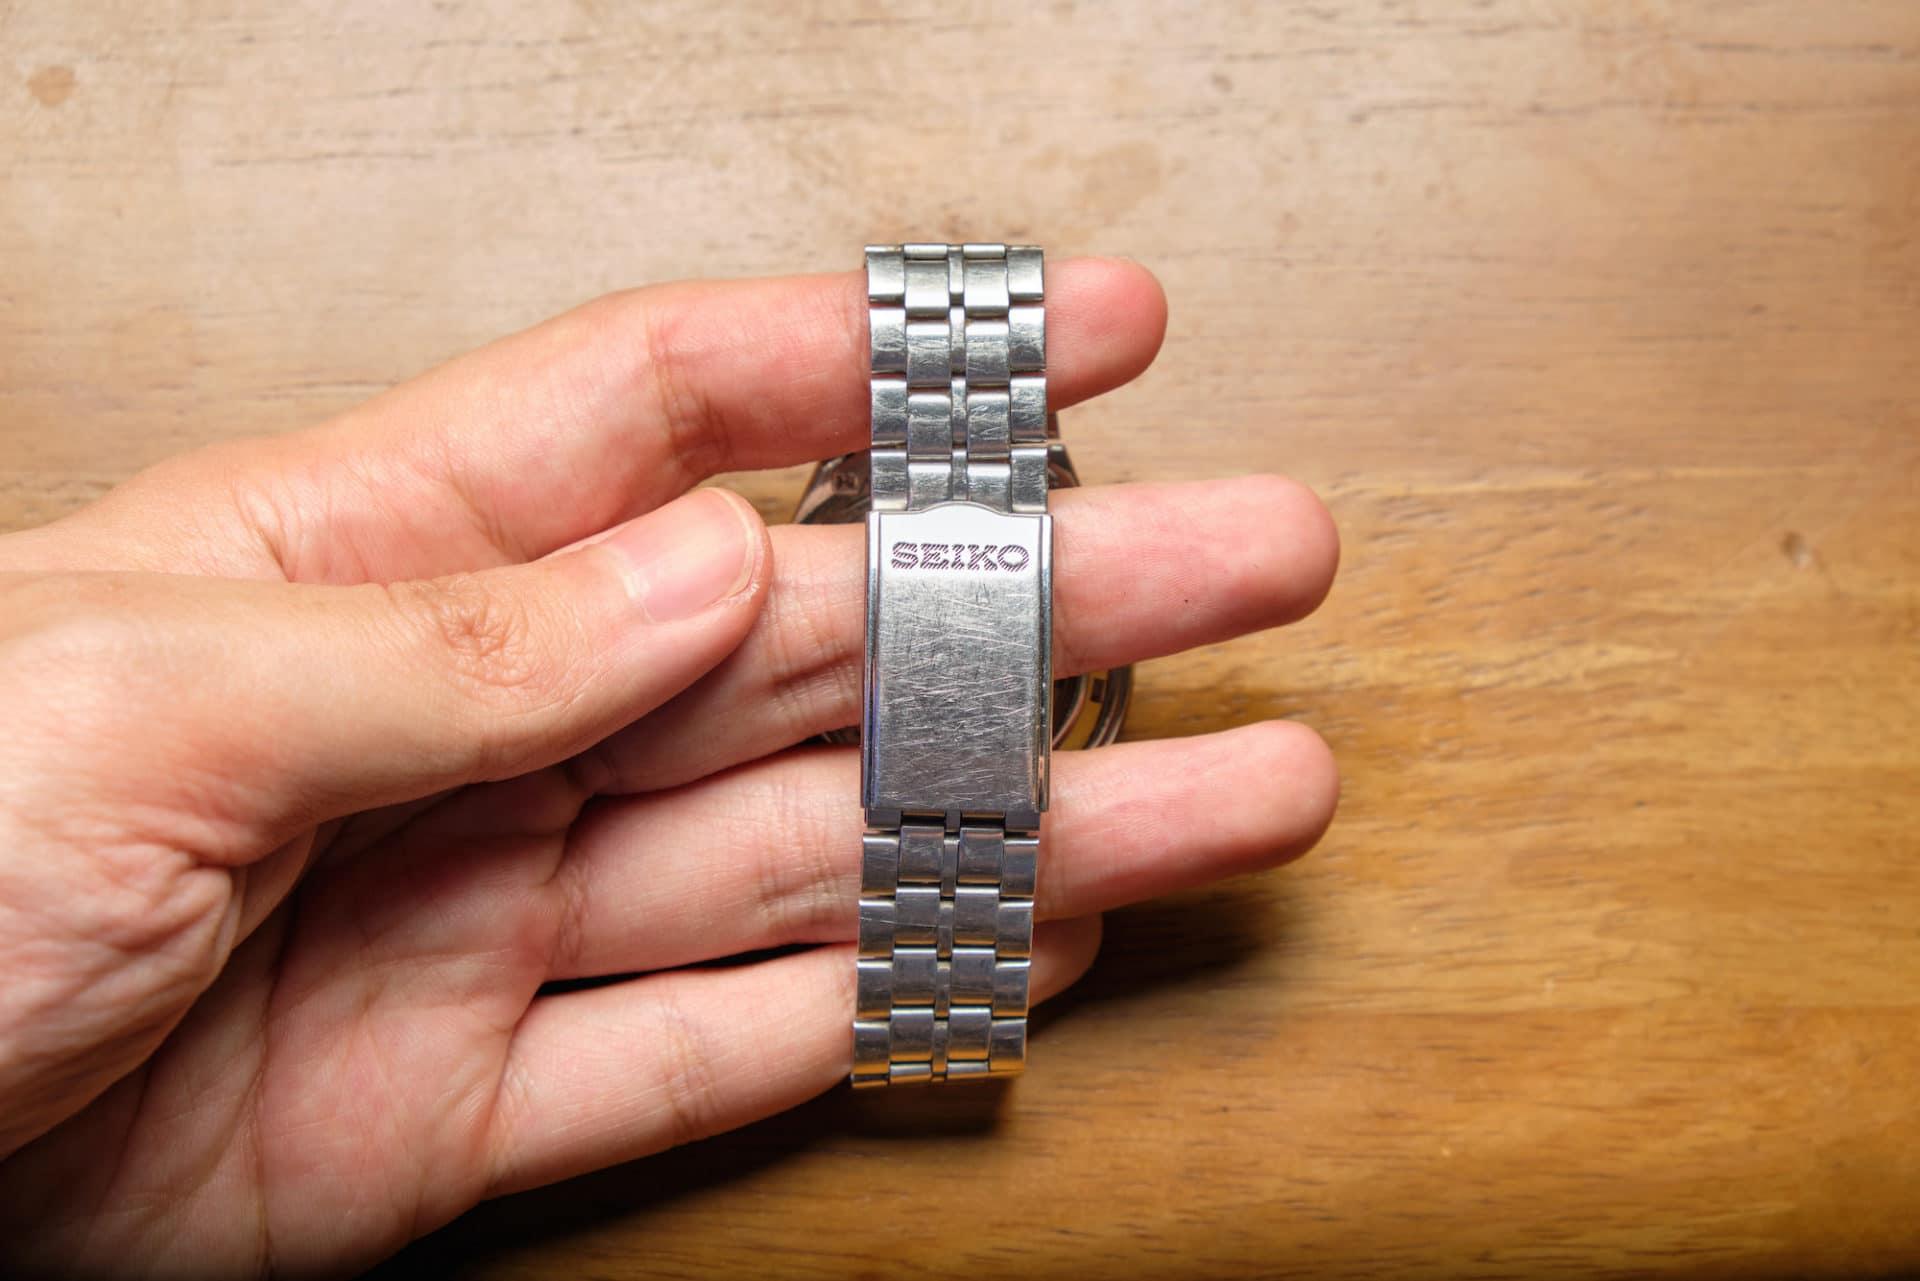 Seiko SKXG67 bracelet